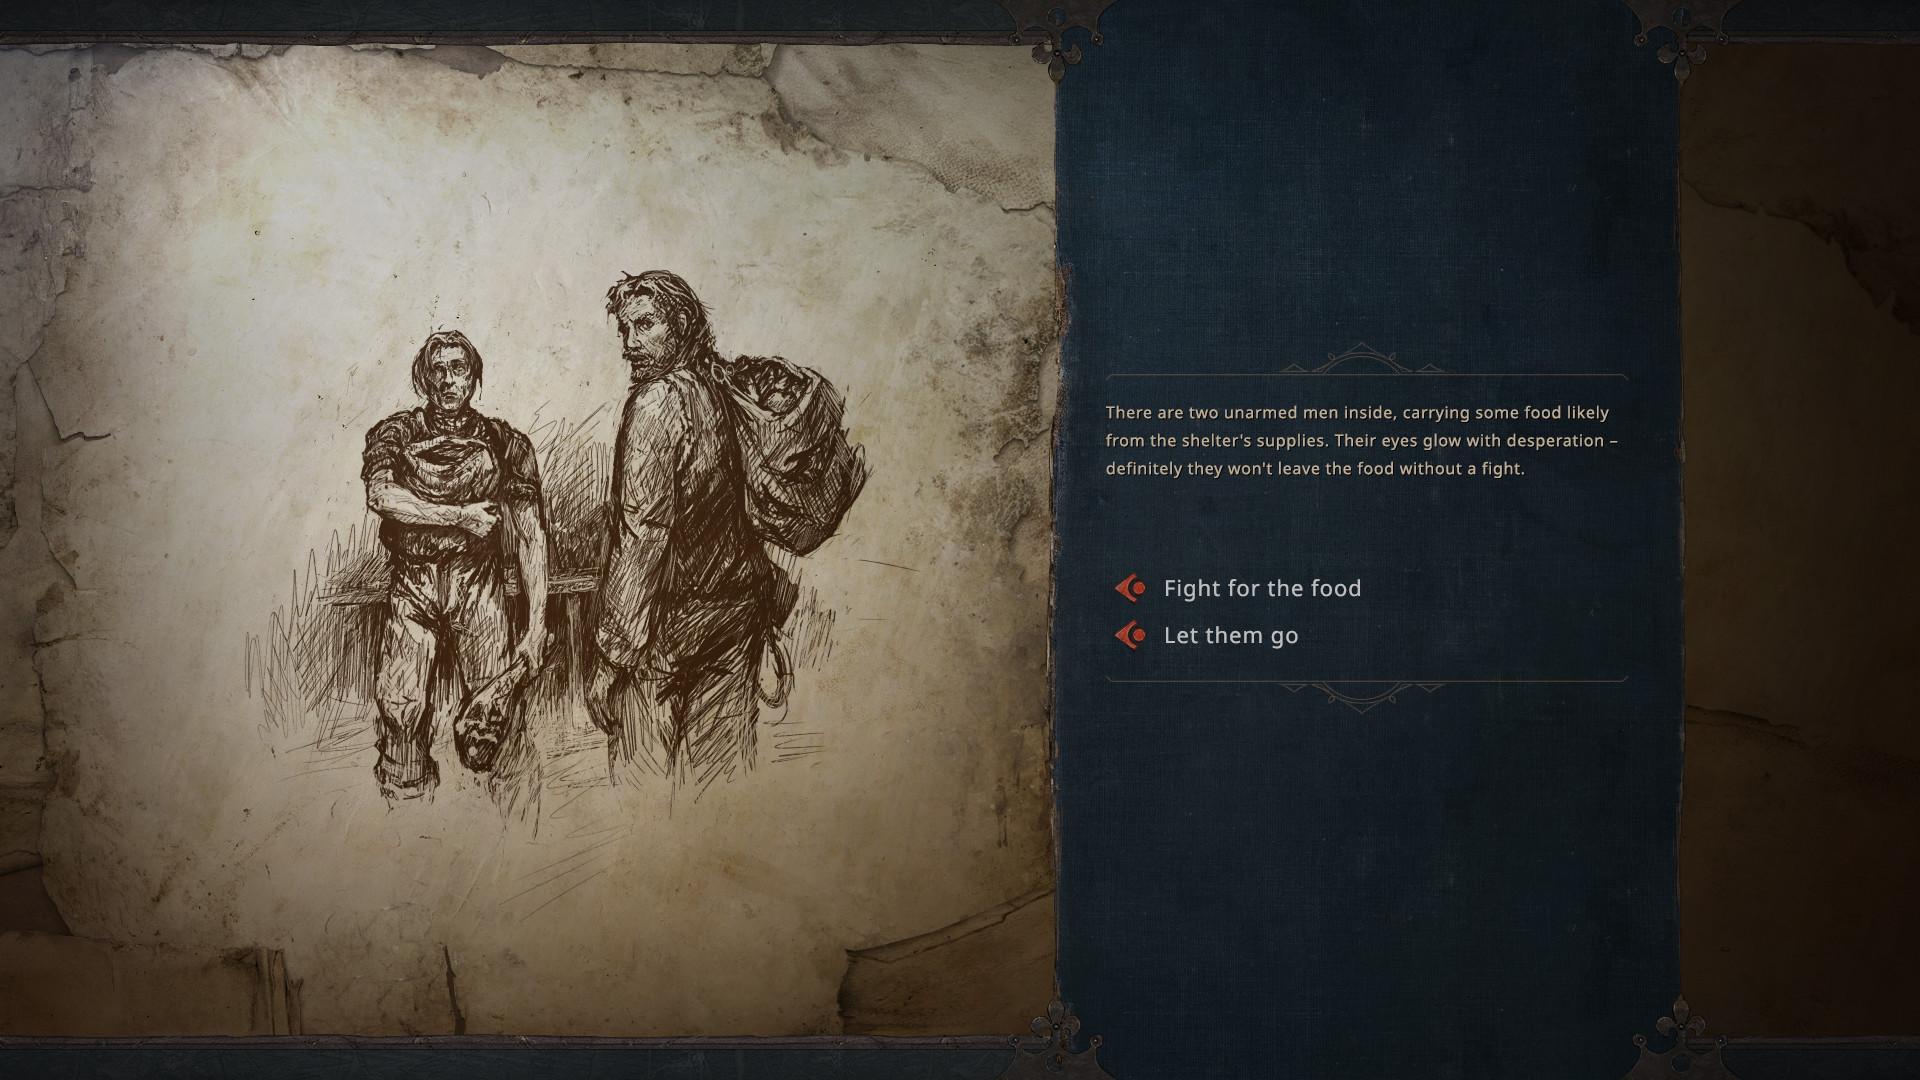 征服的荣耀:围城图片